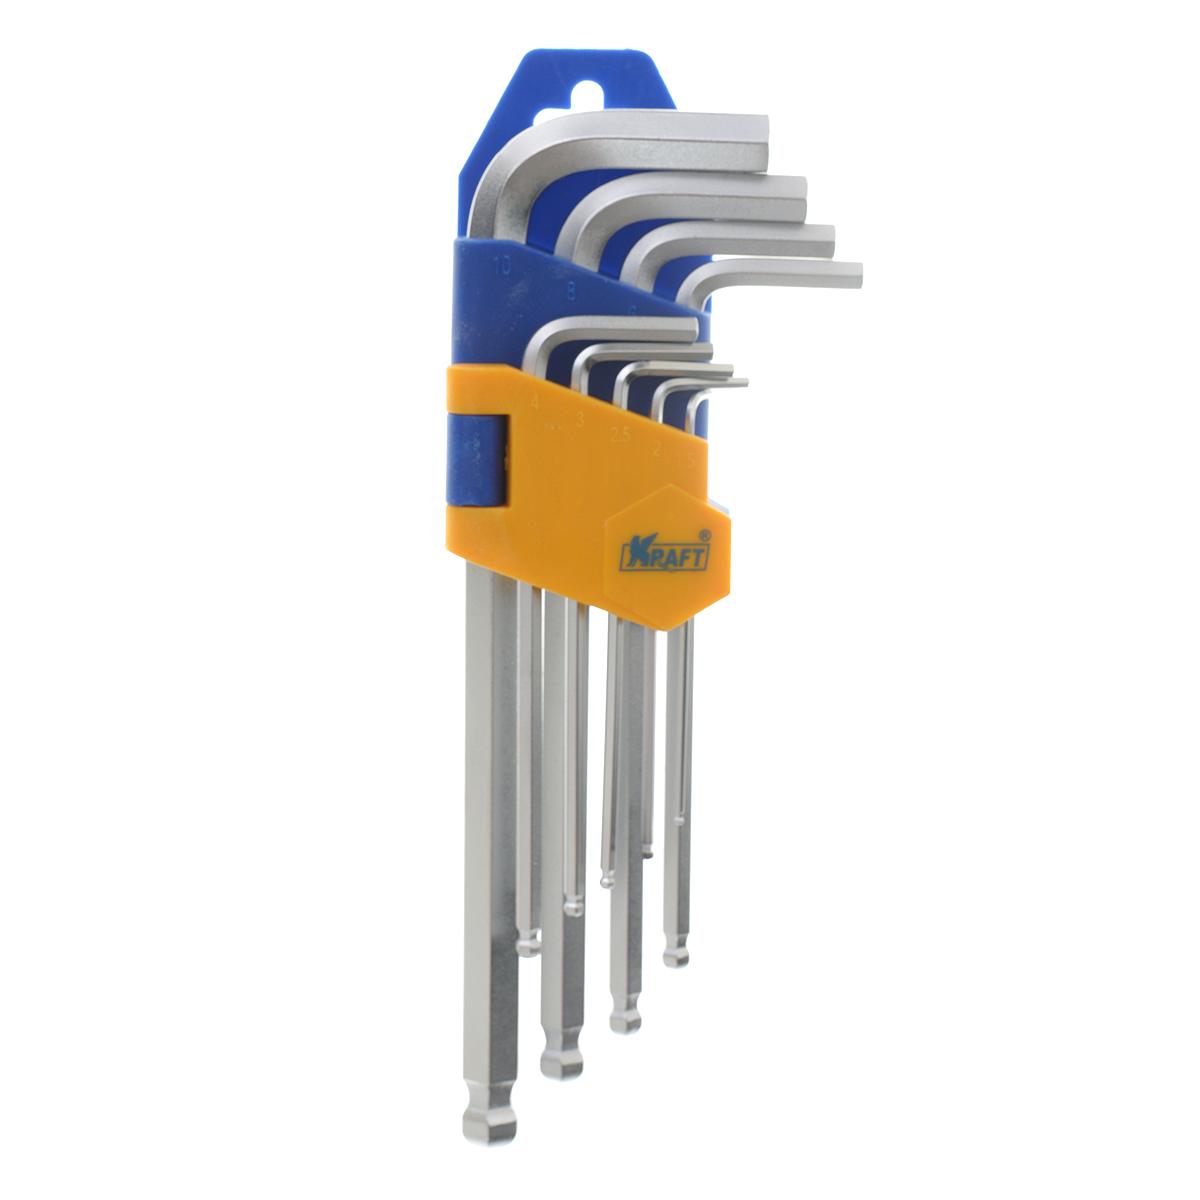 Набор ключей шестигранных Kraft Professional, с шаром, 1,5 мм - 10 мм, 9 шт. КТ700563КТ700563Набор шестигранных ключей Kraft Professional предназначен для работы с крепежными элементами, имеющими внутренний шестигранник. Каждый ключ изготовлен из хромованадиевой стали и оснащен шаровым наконечником, который позволяет работать в труднодоступных местах под углом до 25 градусов. В набор входят ключи: 1,5 мм, 2 мм, 2,5 мм, 3 мм, 4 мм, 5 мм, 6 мм, 8 мм, 10 мм.